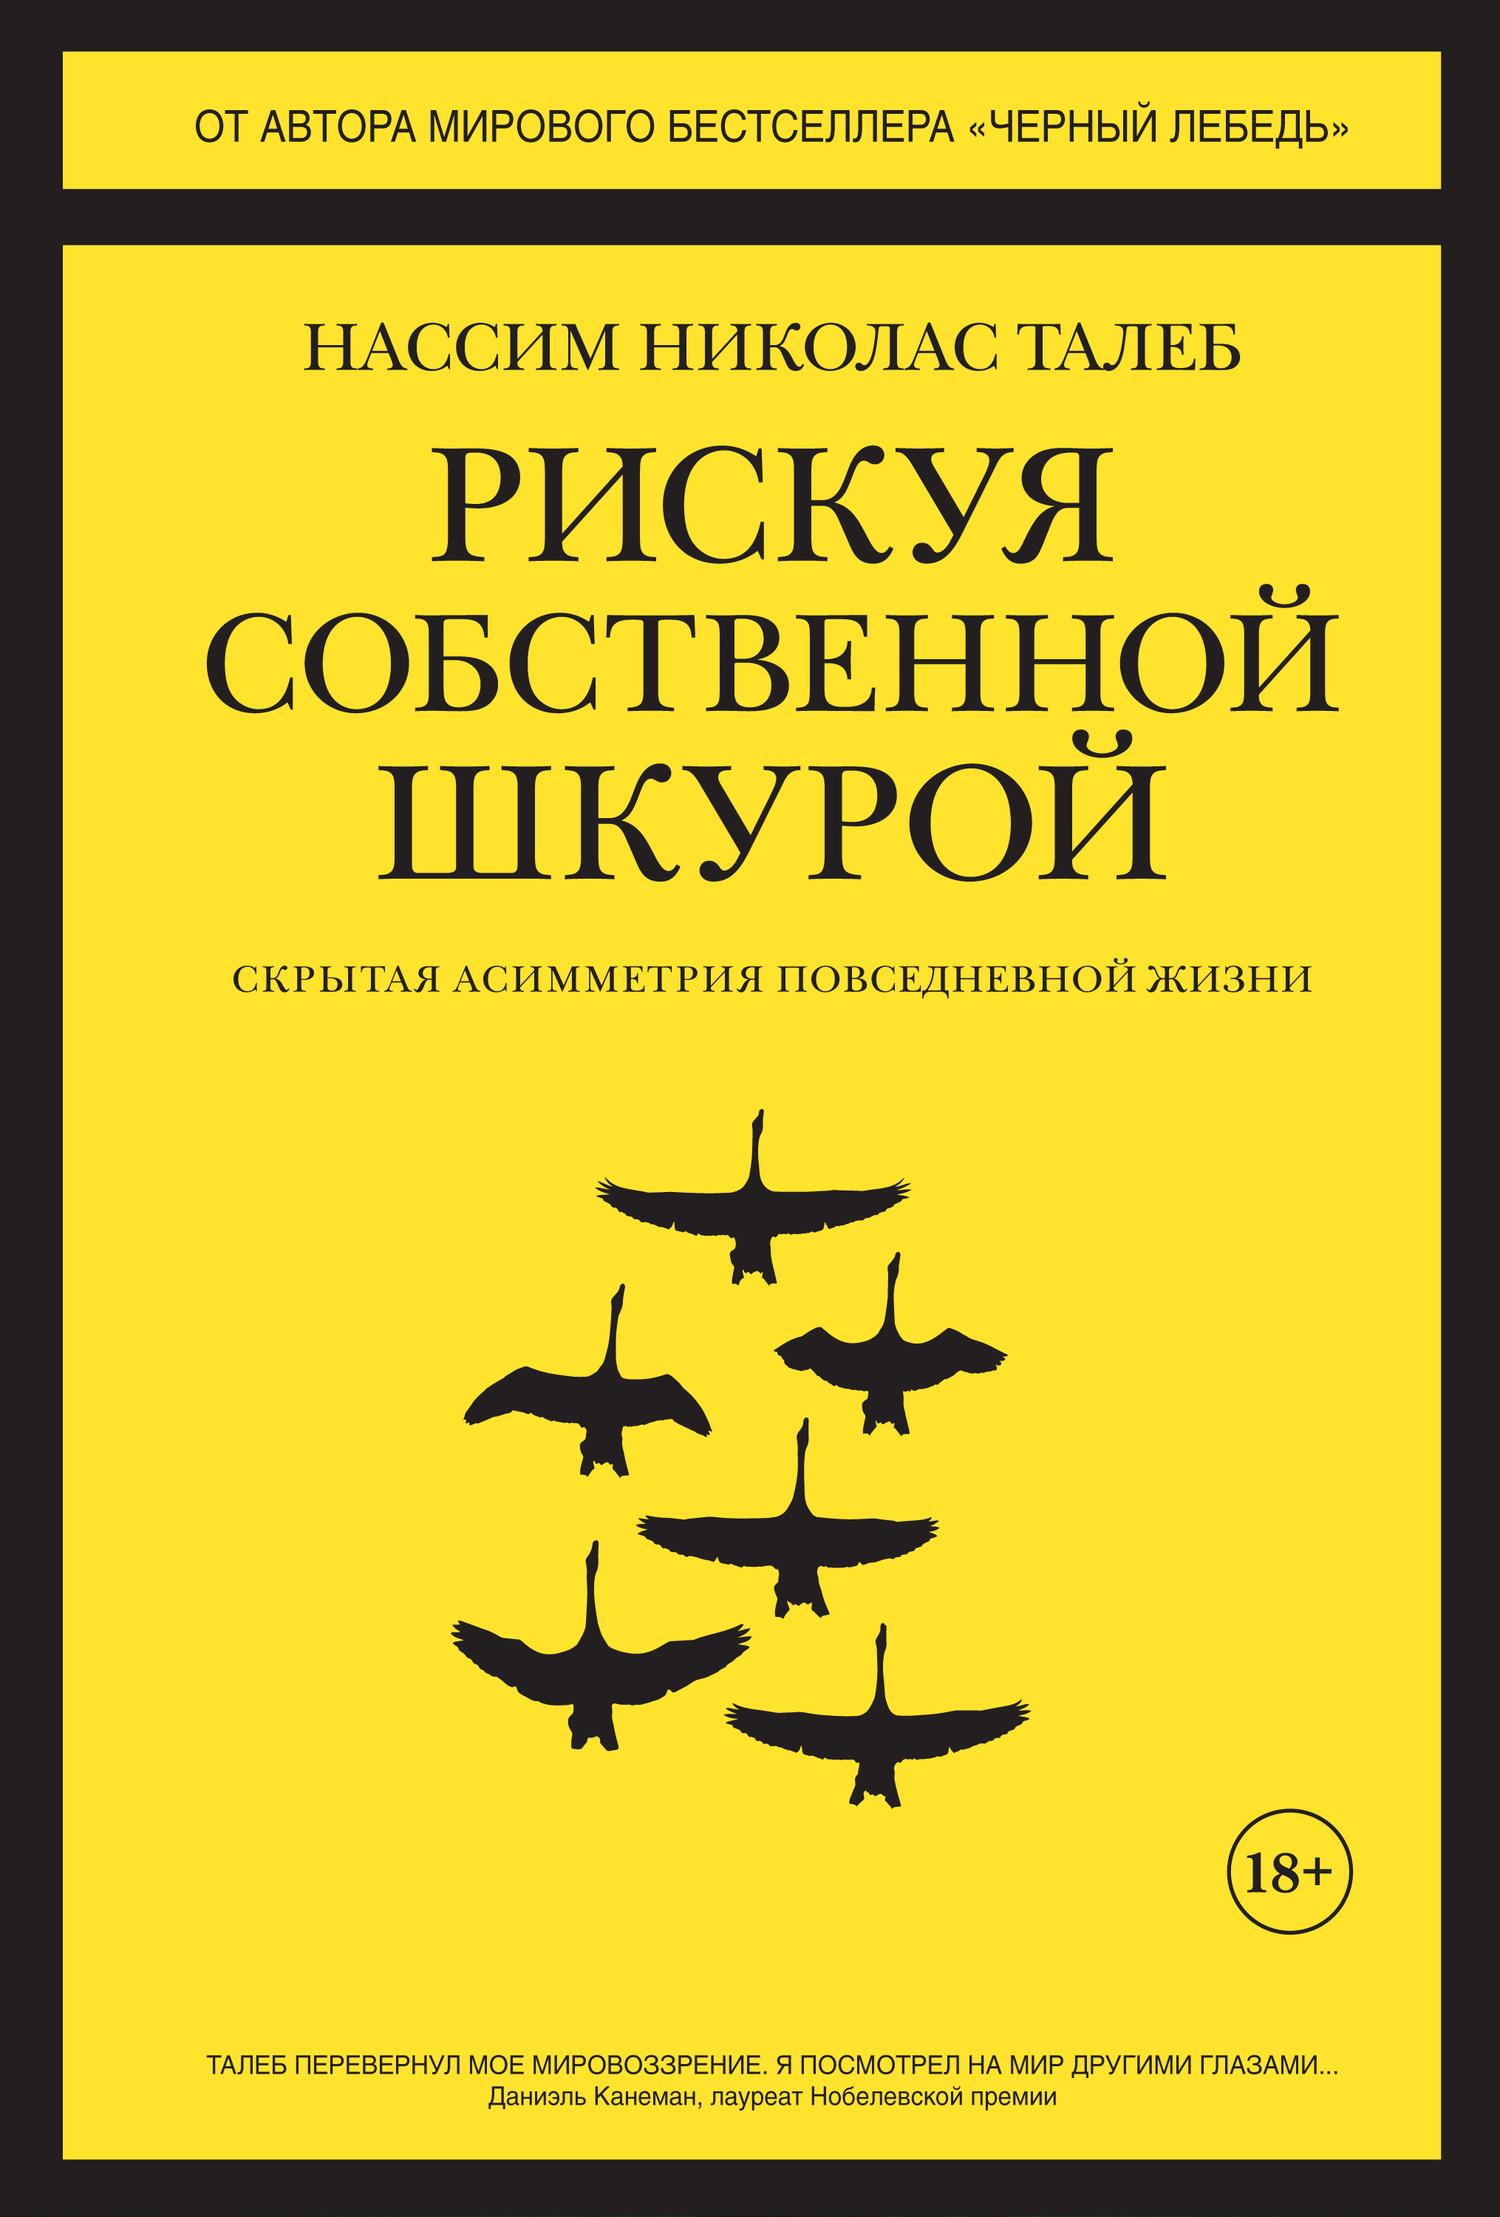 Обложка книги Рискуя собственной шкурой. Скрытая асимметрия повседневной жизни